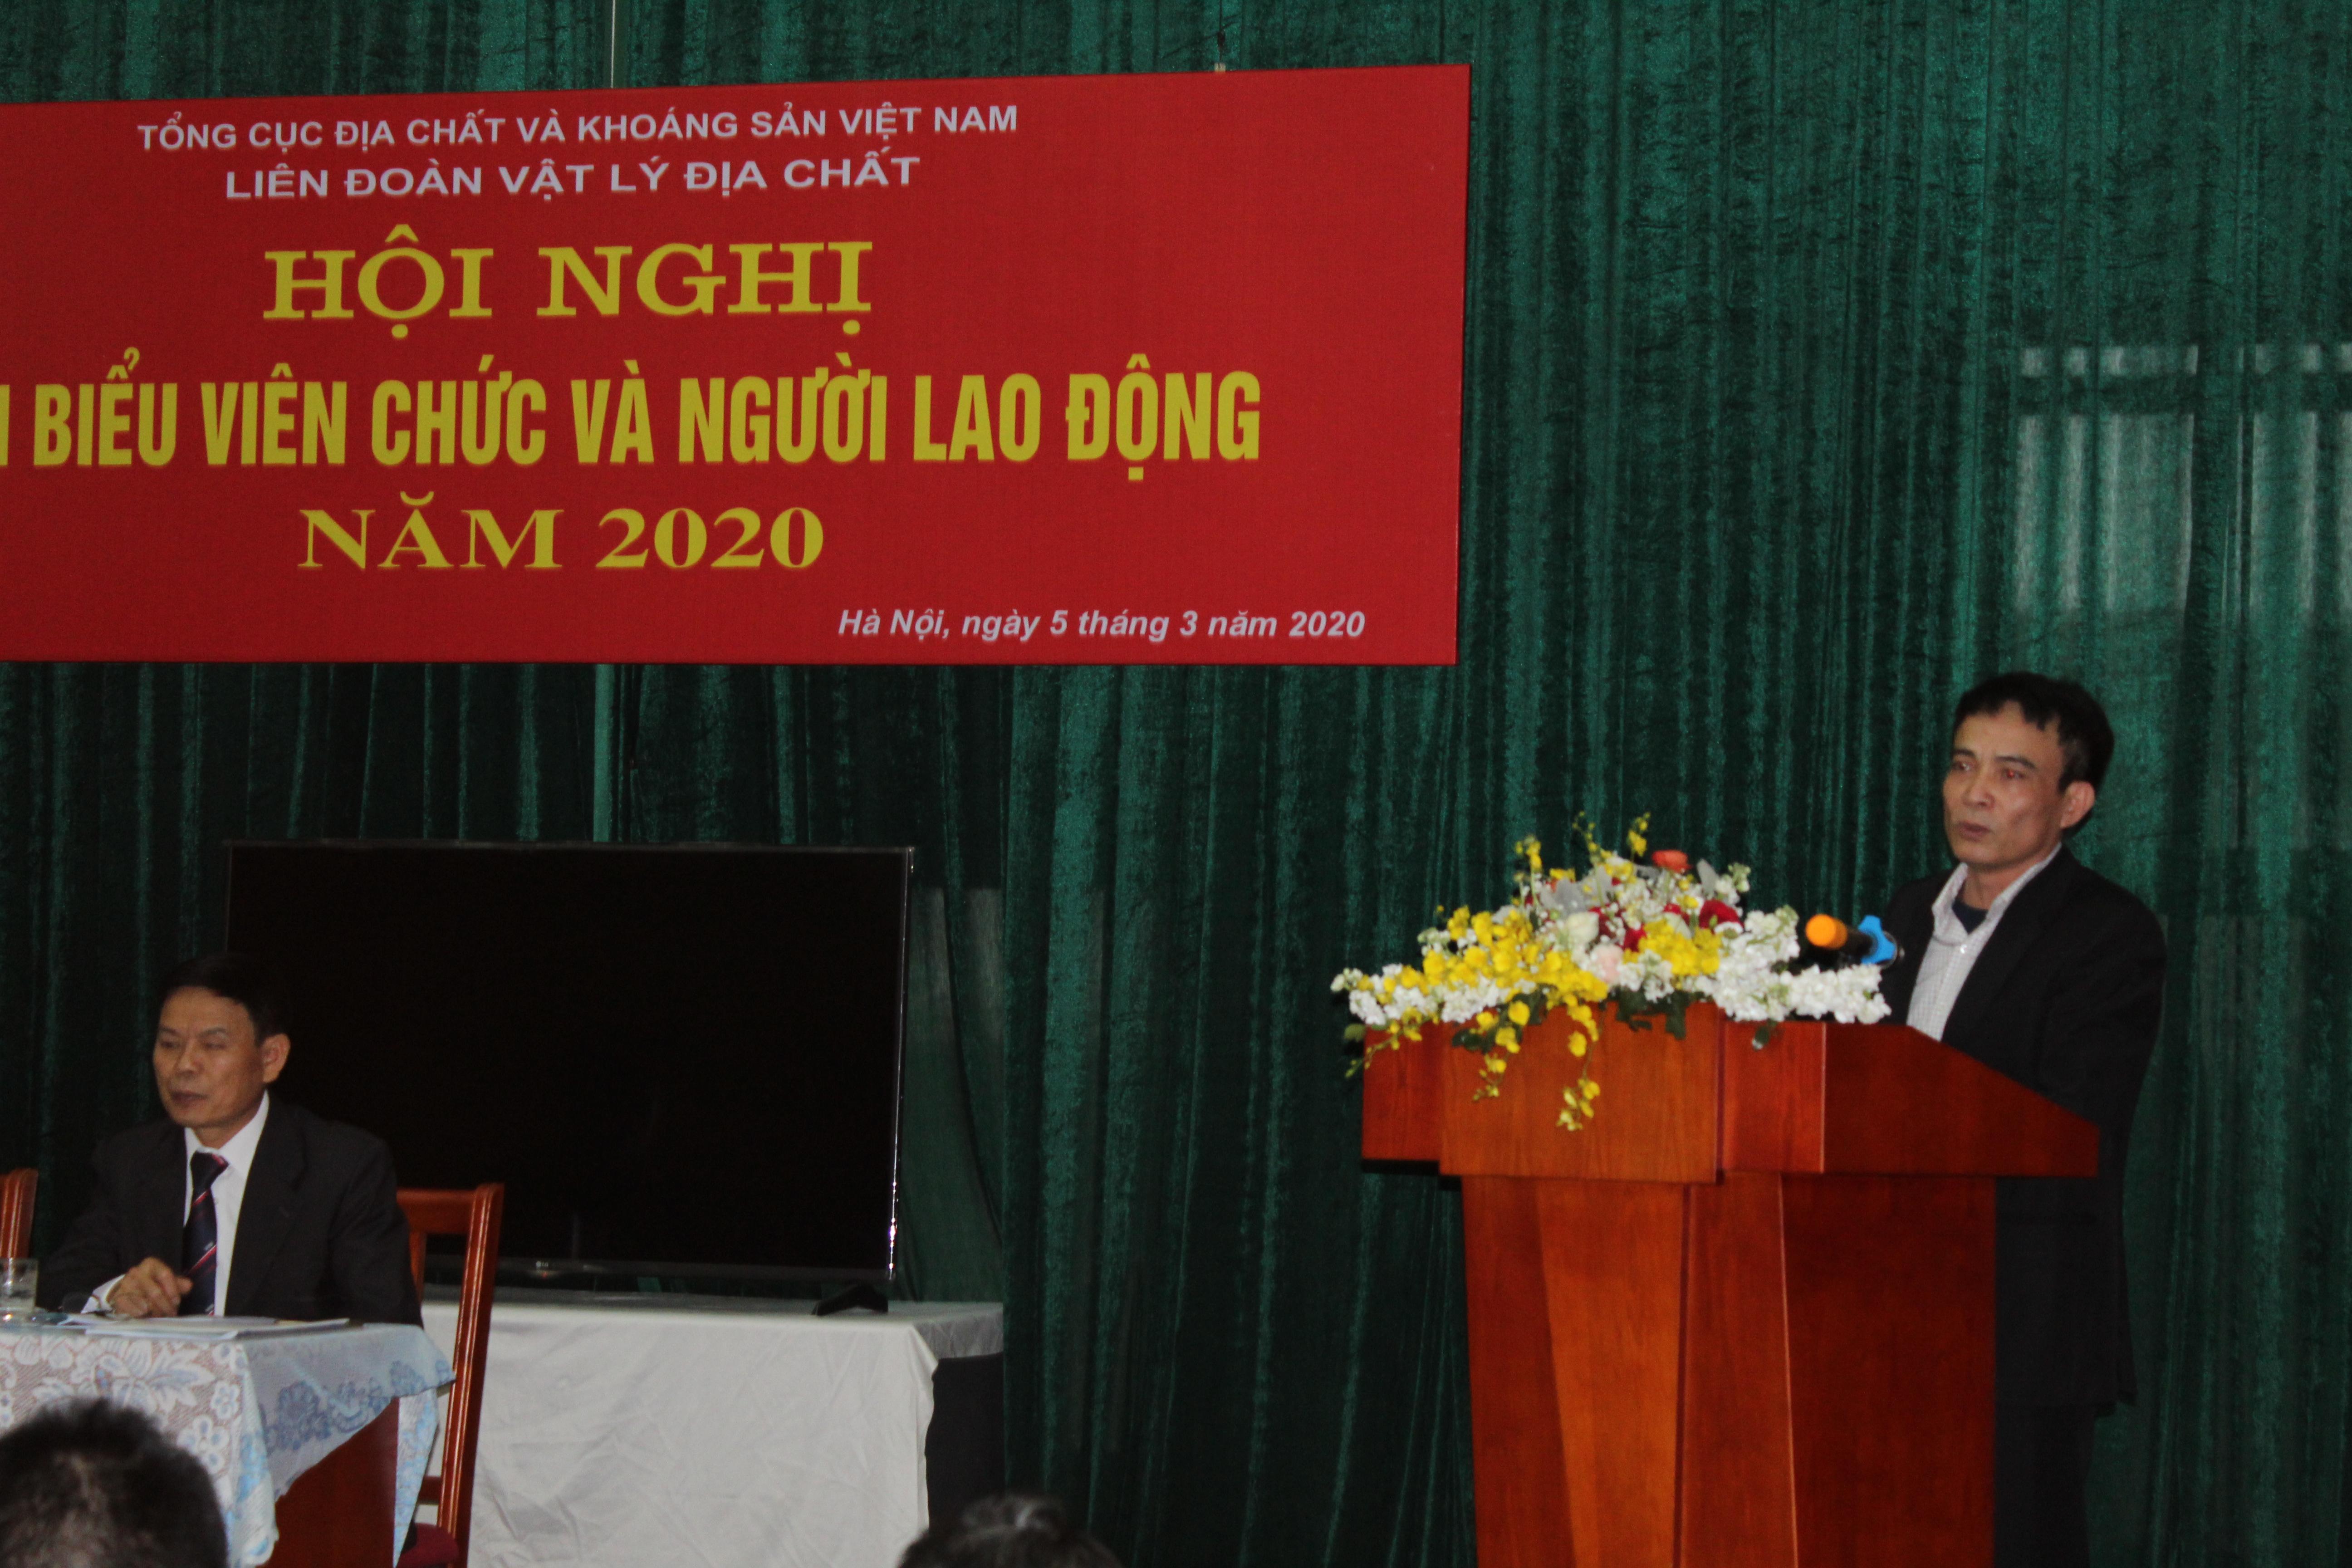 Hội nghị đại biểu viên chức và người lao động Liên đoàn Vật lý Địa chất năm 2020